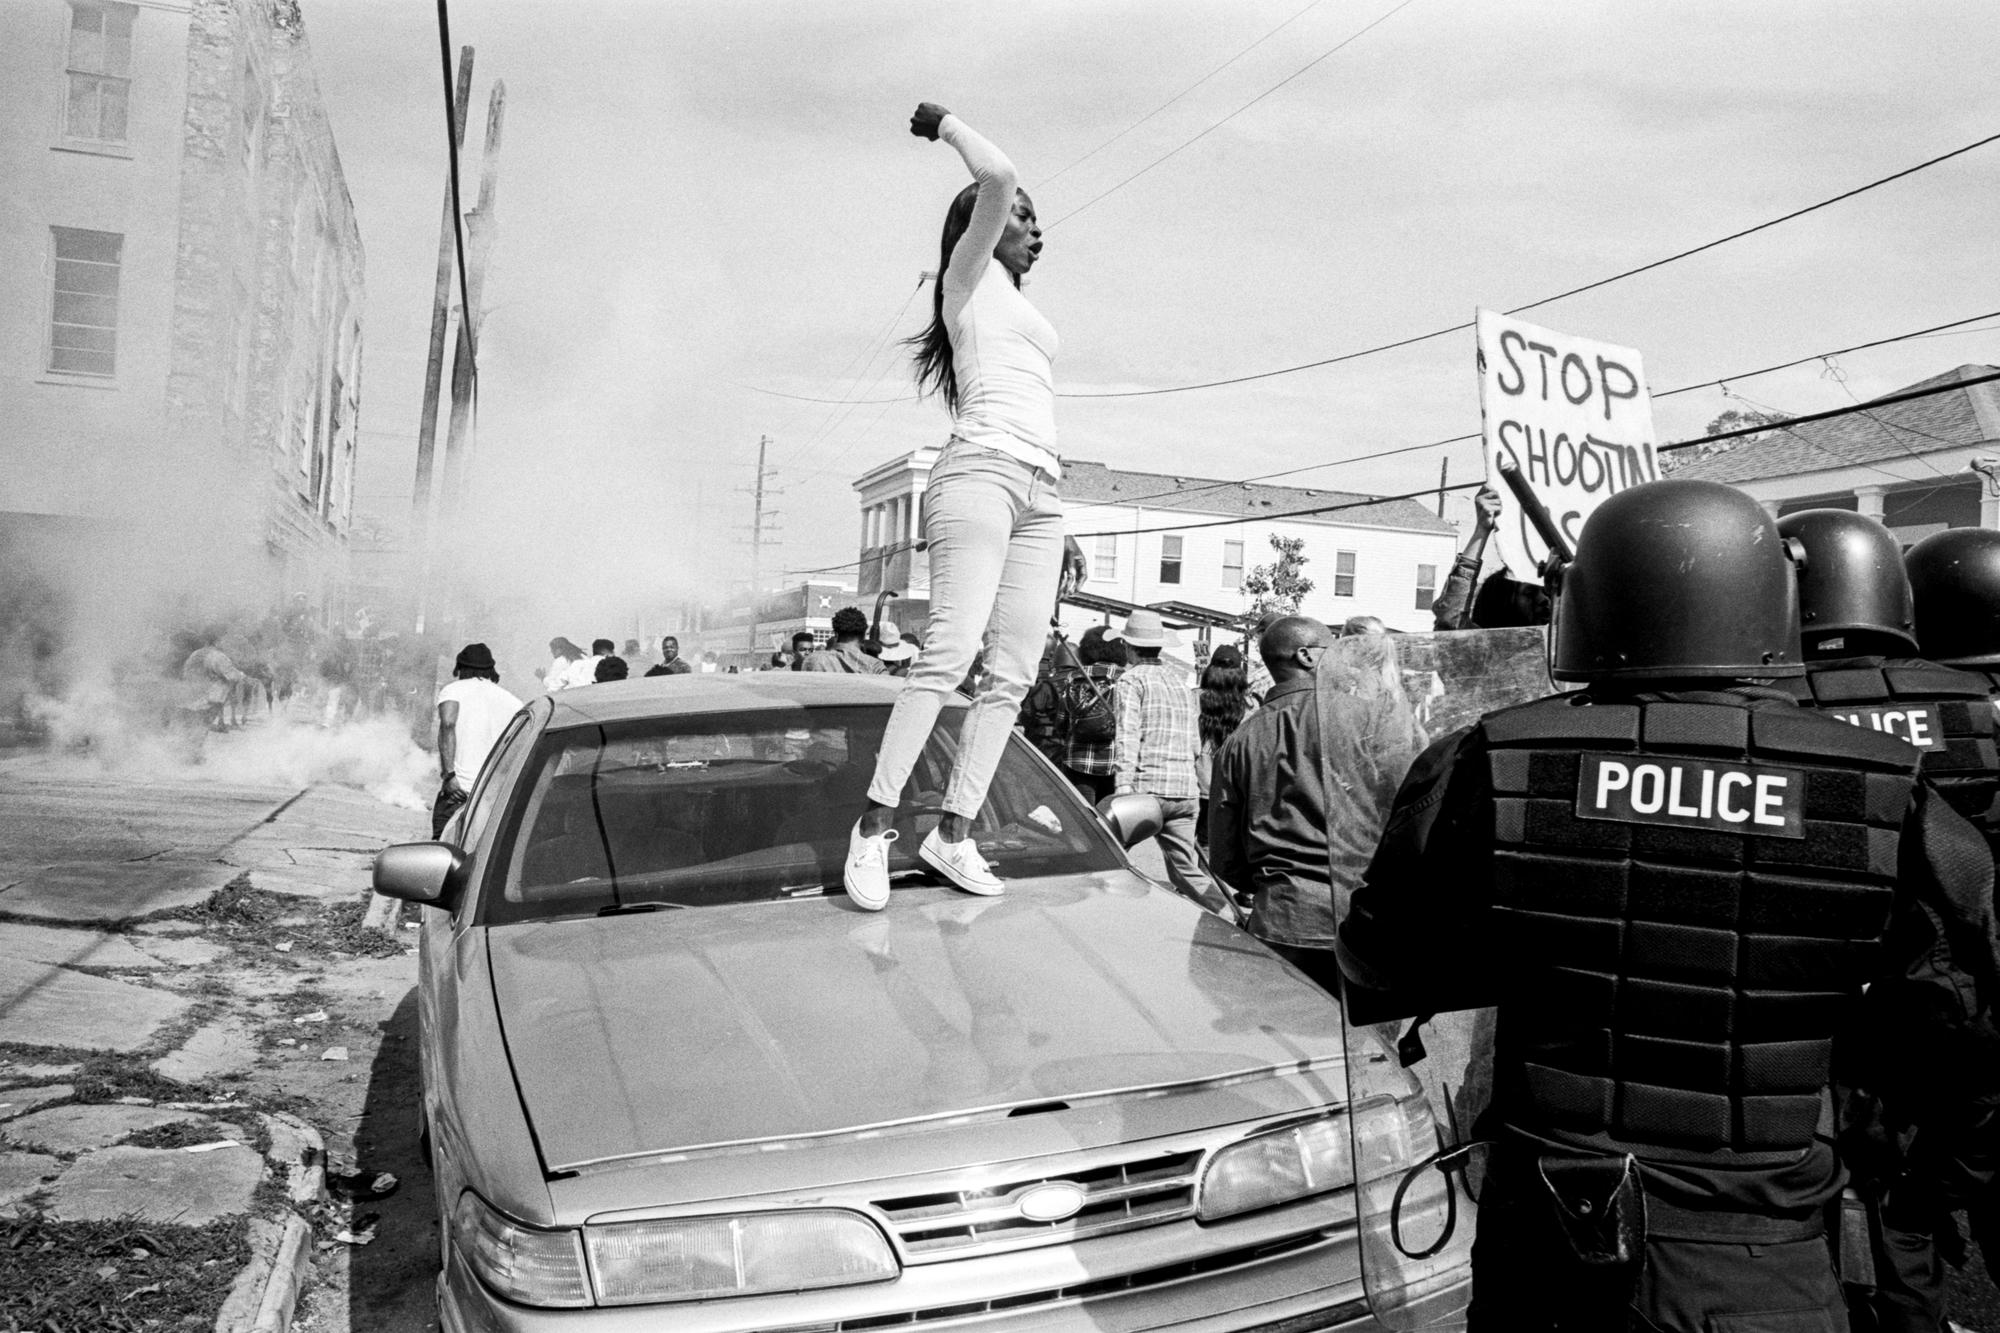 Le long-métrage s'inscrit dans le champ fictionnel du mouvement Black Lives Matter.